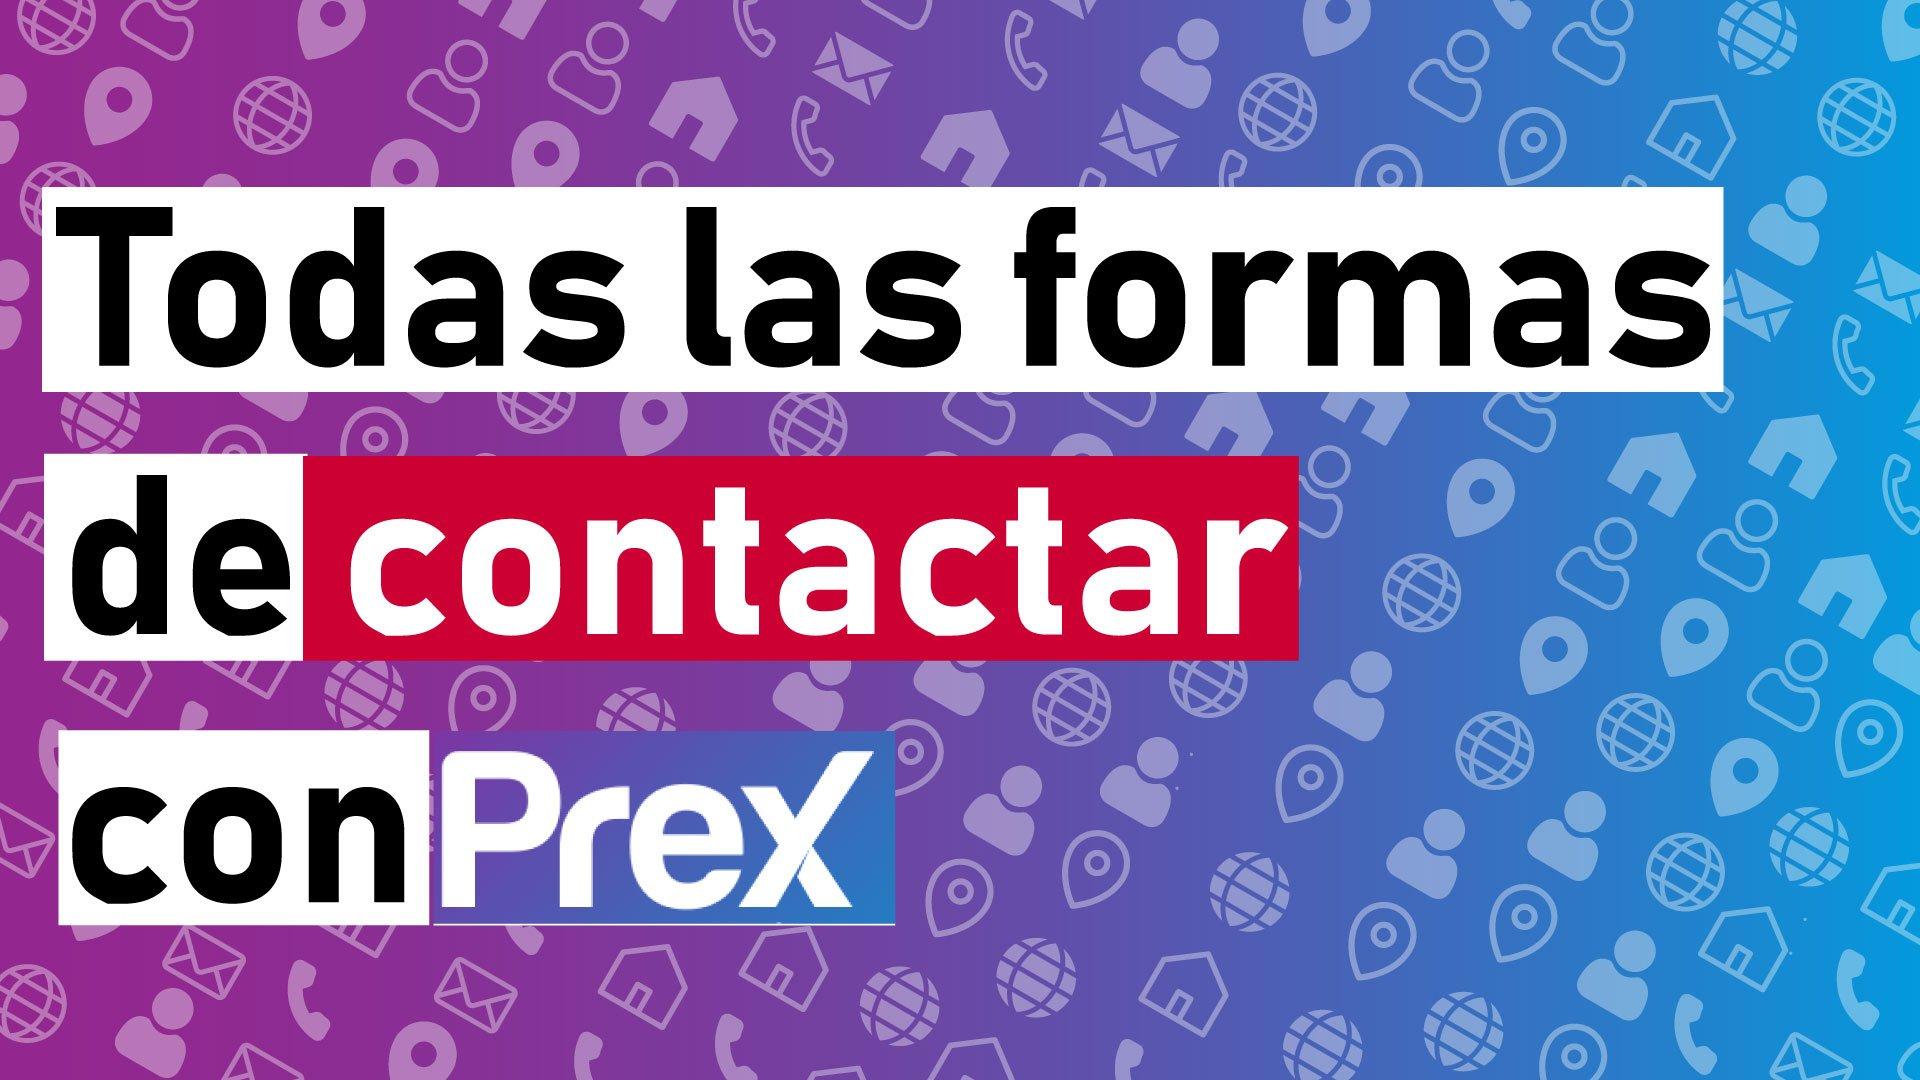 Contacto. contactar, numero telefonico, email, prex argentina,prex uruguay